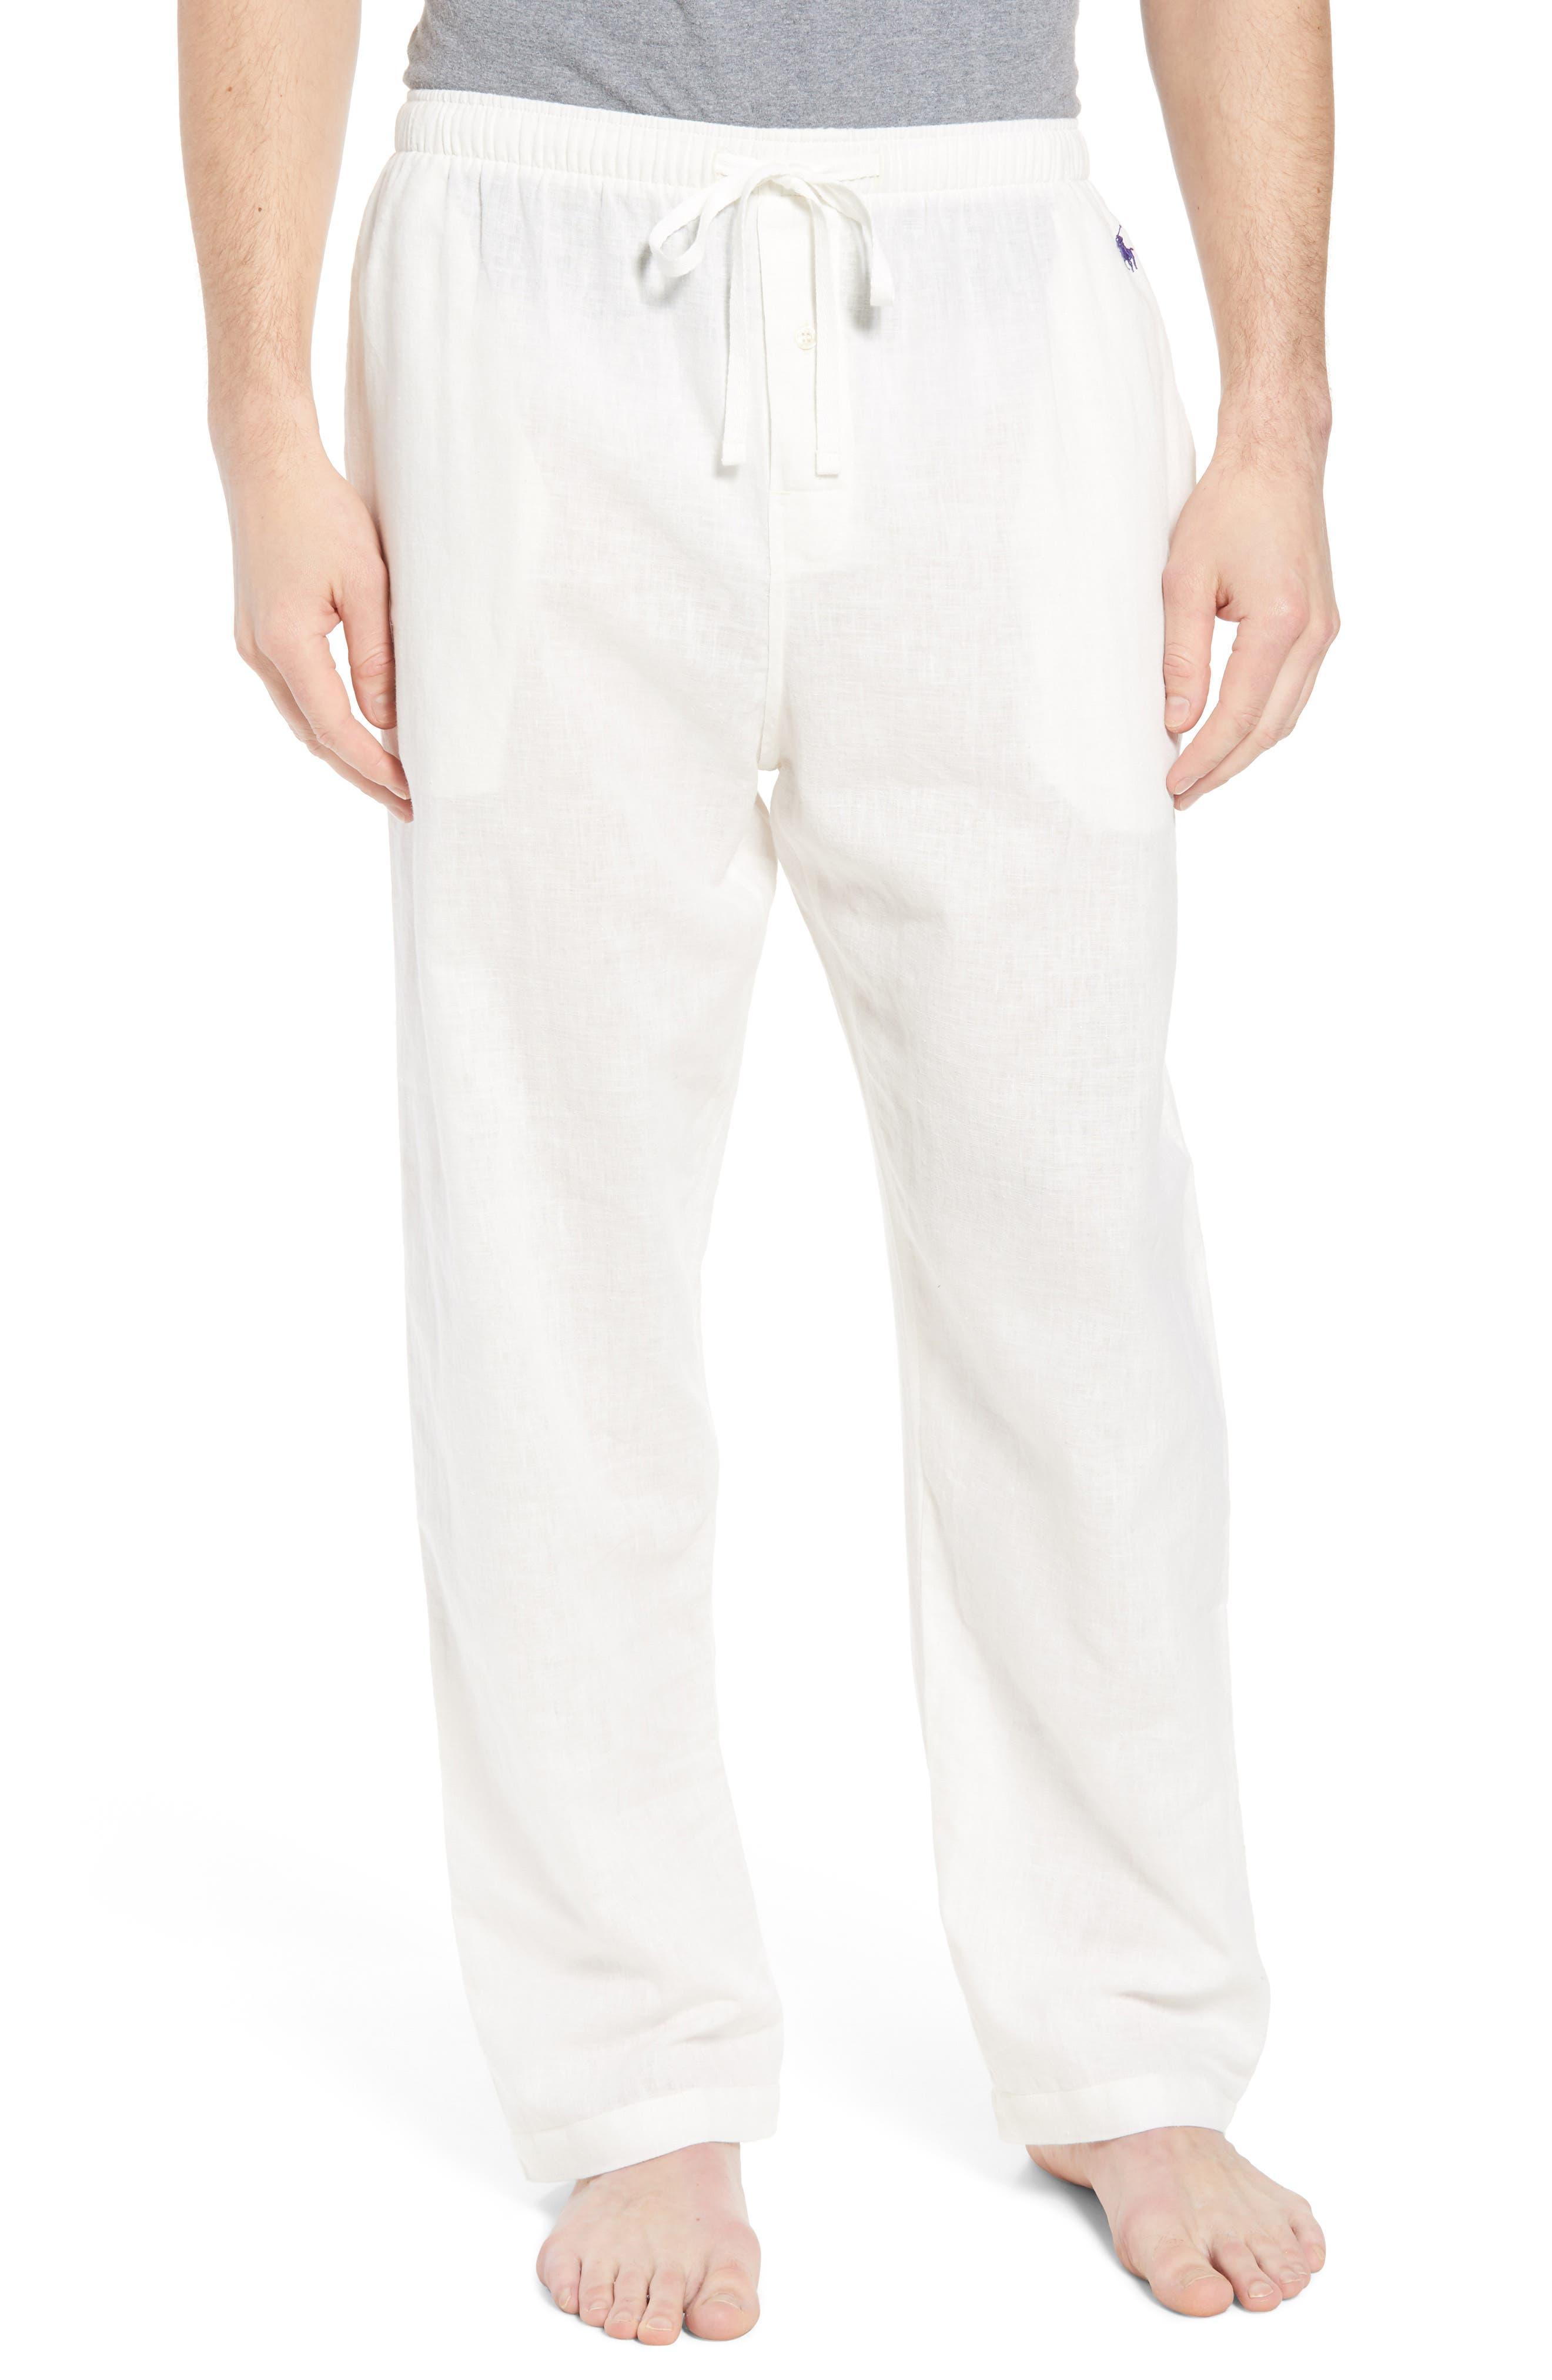 Walker Cotton & Linen Lounge Pants,                             Main thumbnail 1, color,                             NEVIS/ BRIGHT NAVY